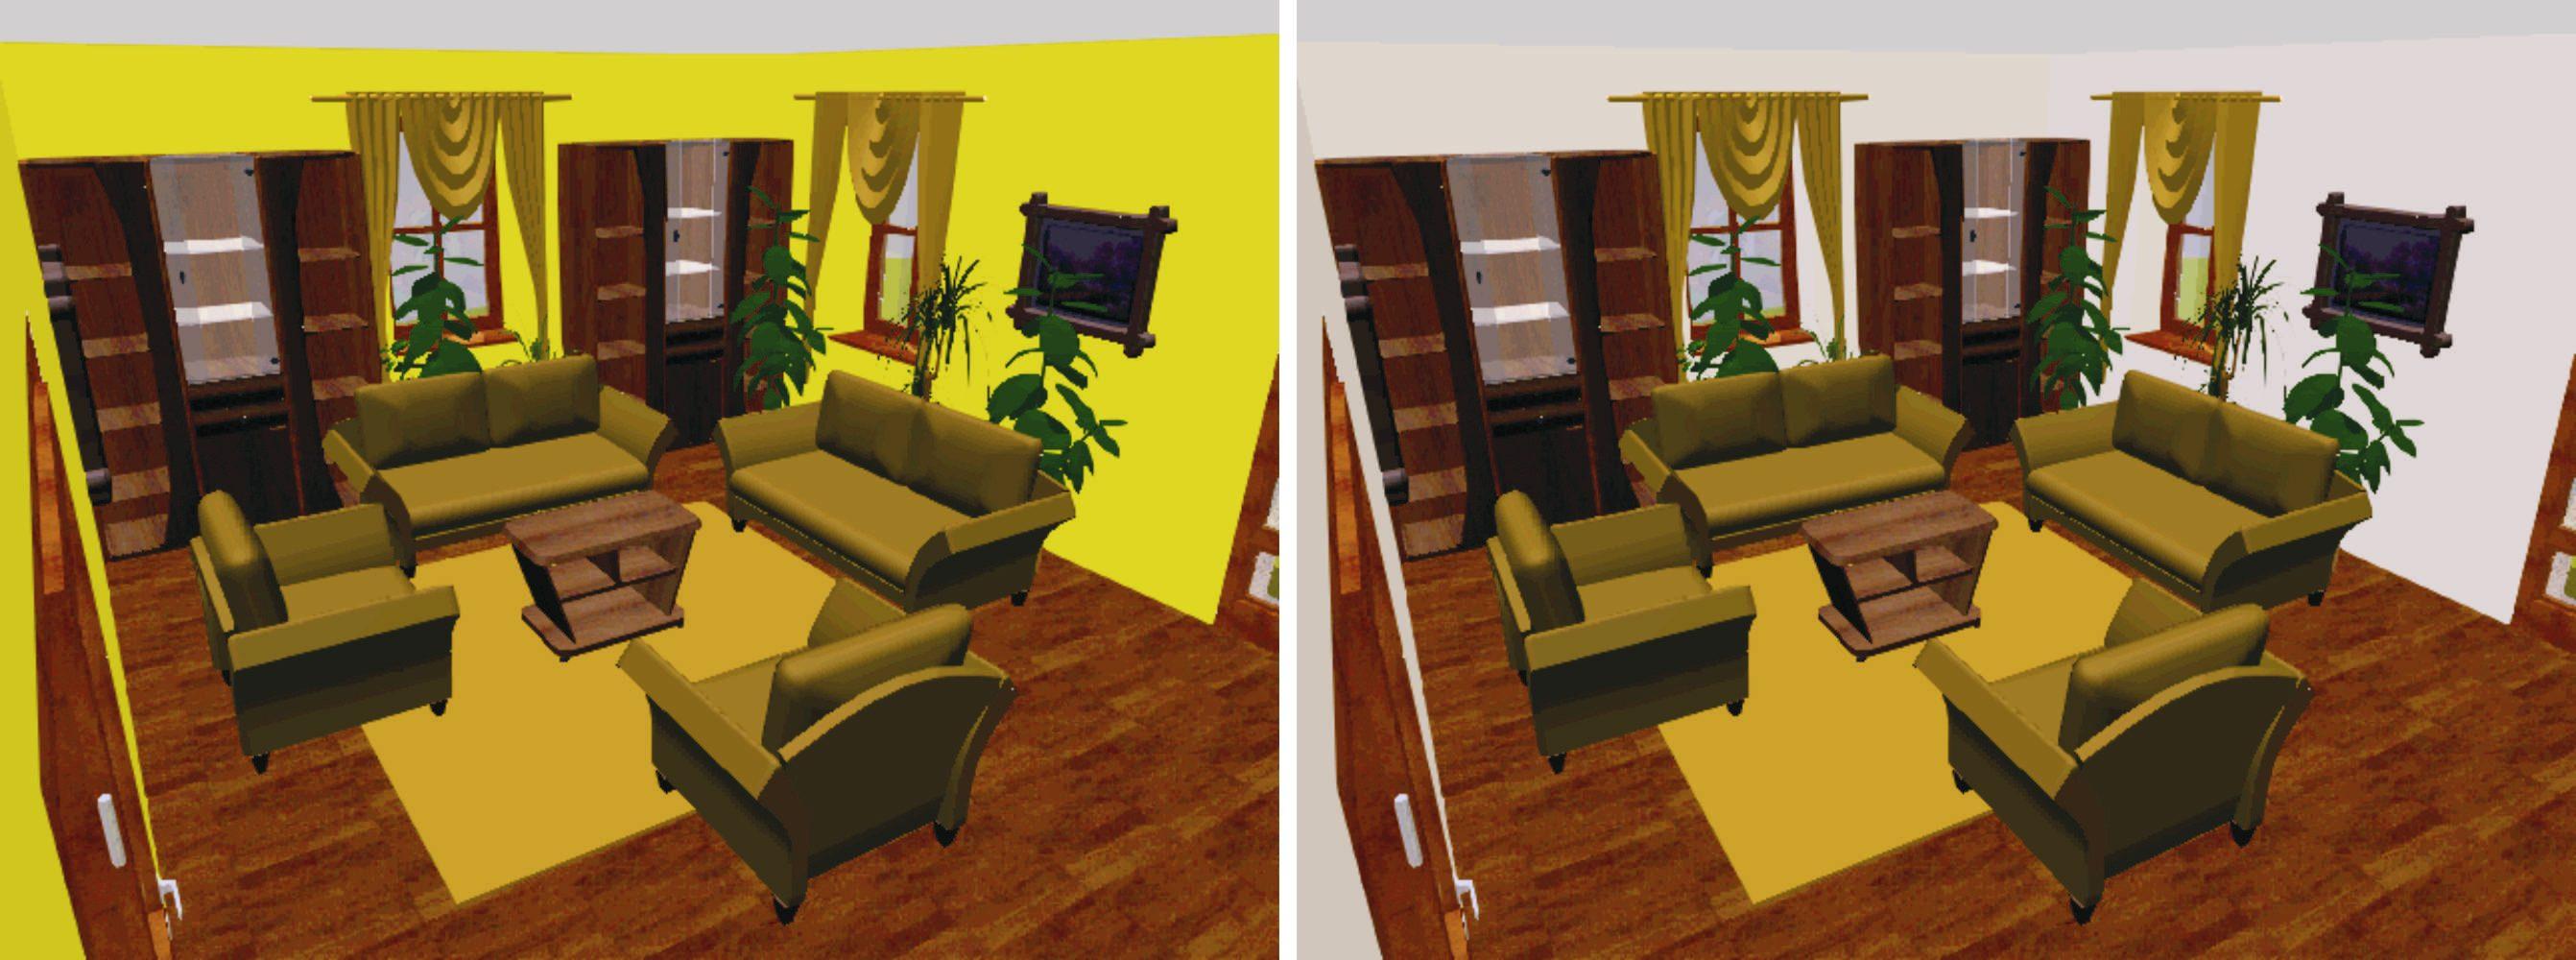 Van, akinek tetszik a baloldali sárga falszín, nekem a jobboldali szoba szimpatikusabb...